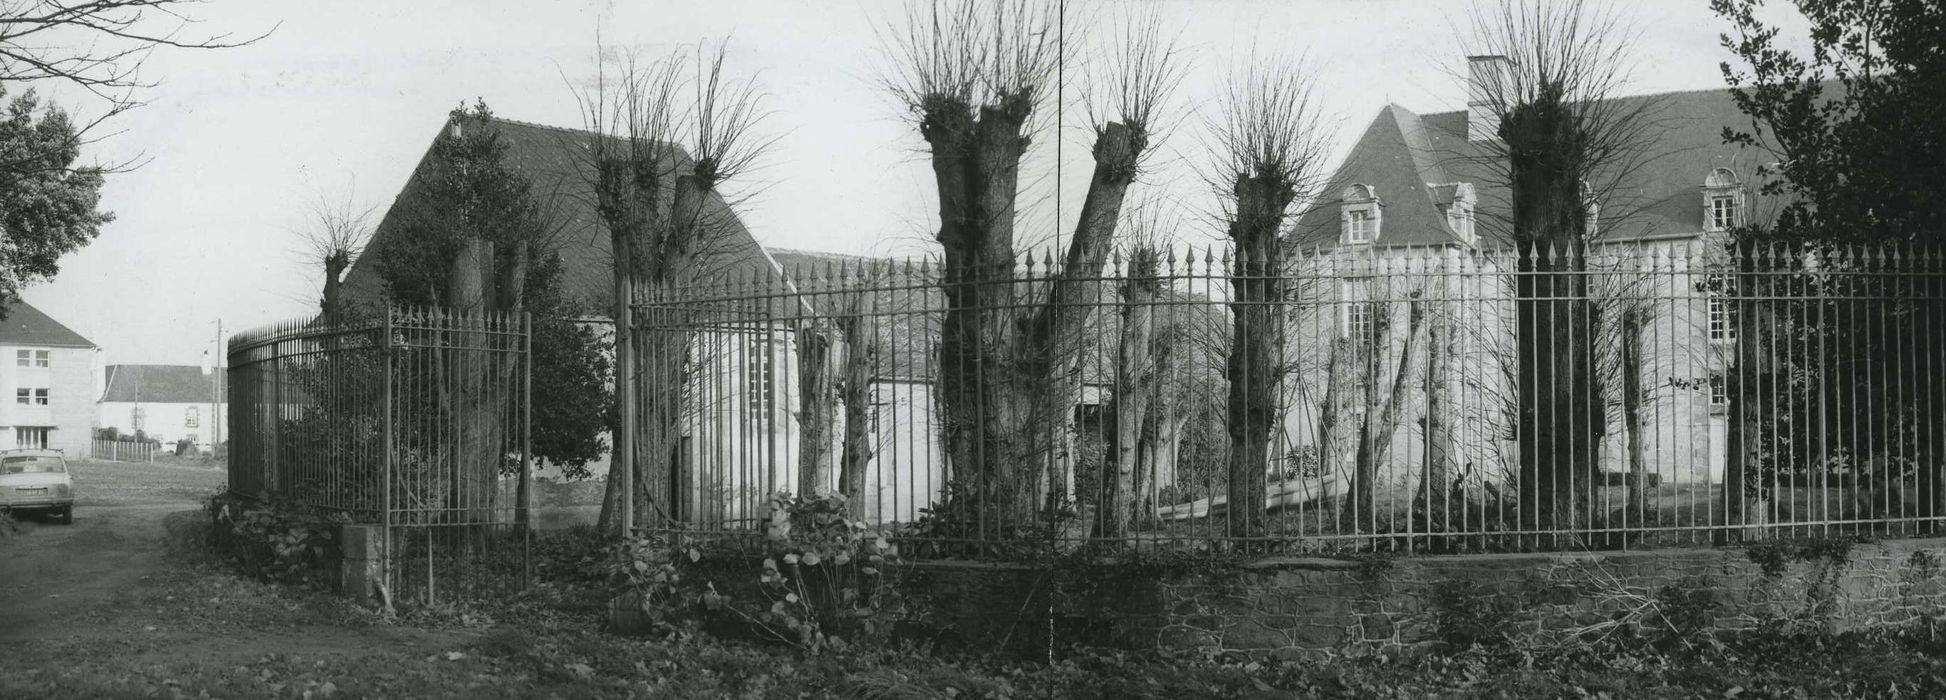 Manoir de la Giclais: Grilles de clôture ouest, vue générale